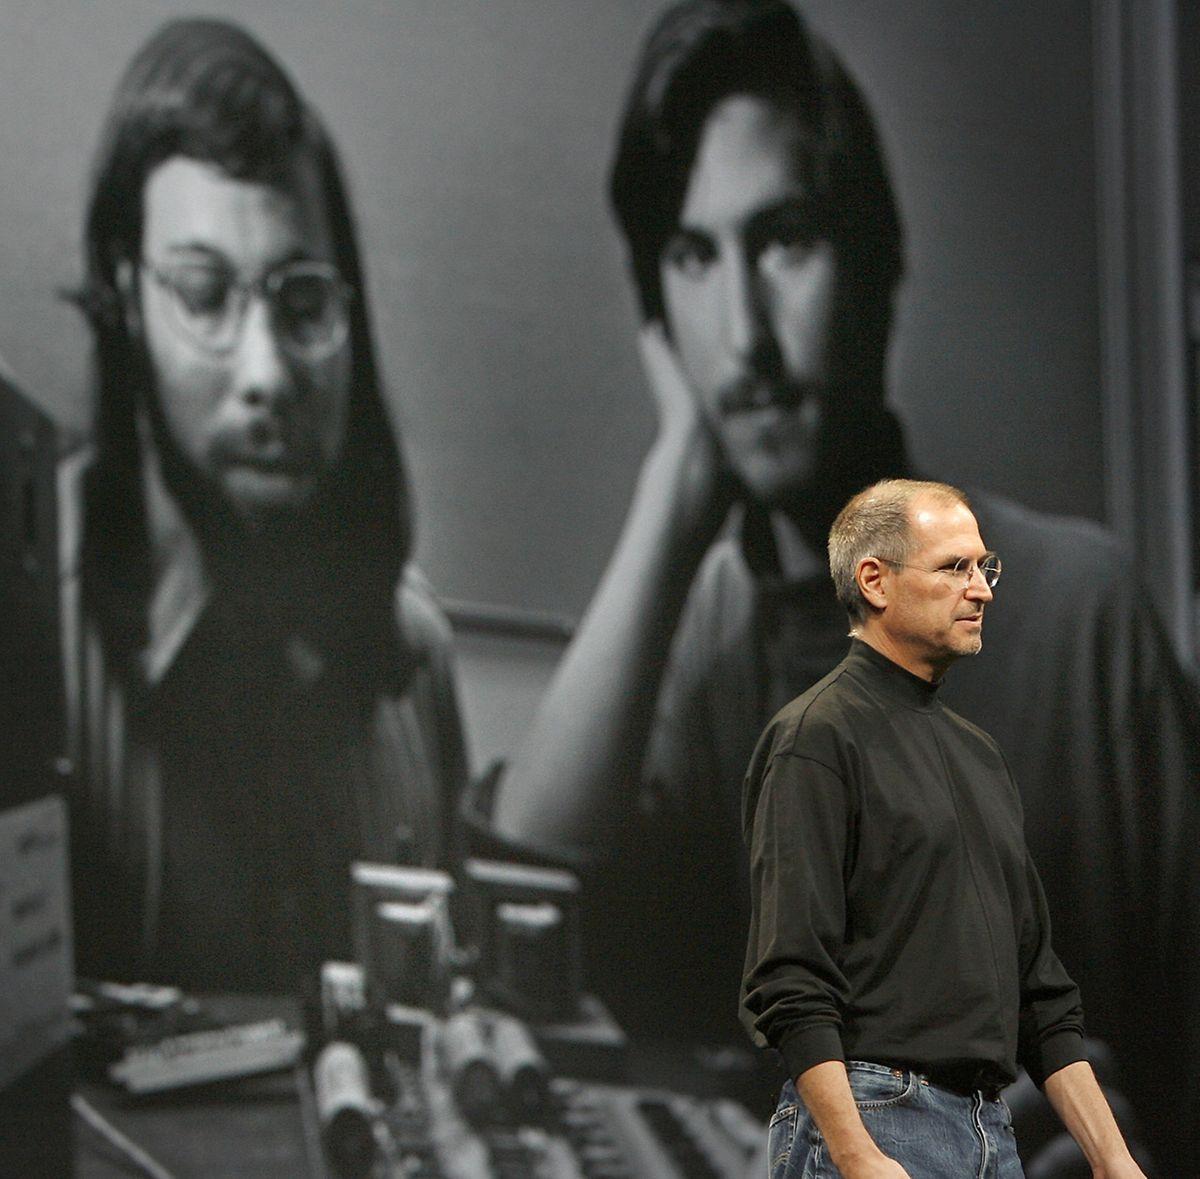 Das Foto zeigt Steve Jobs im Jahr 2007 und in jüngeren Jahren mit Steve Wozniak (l.).